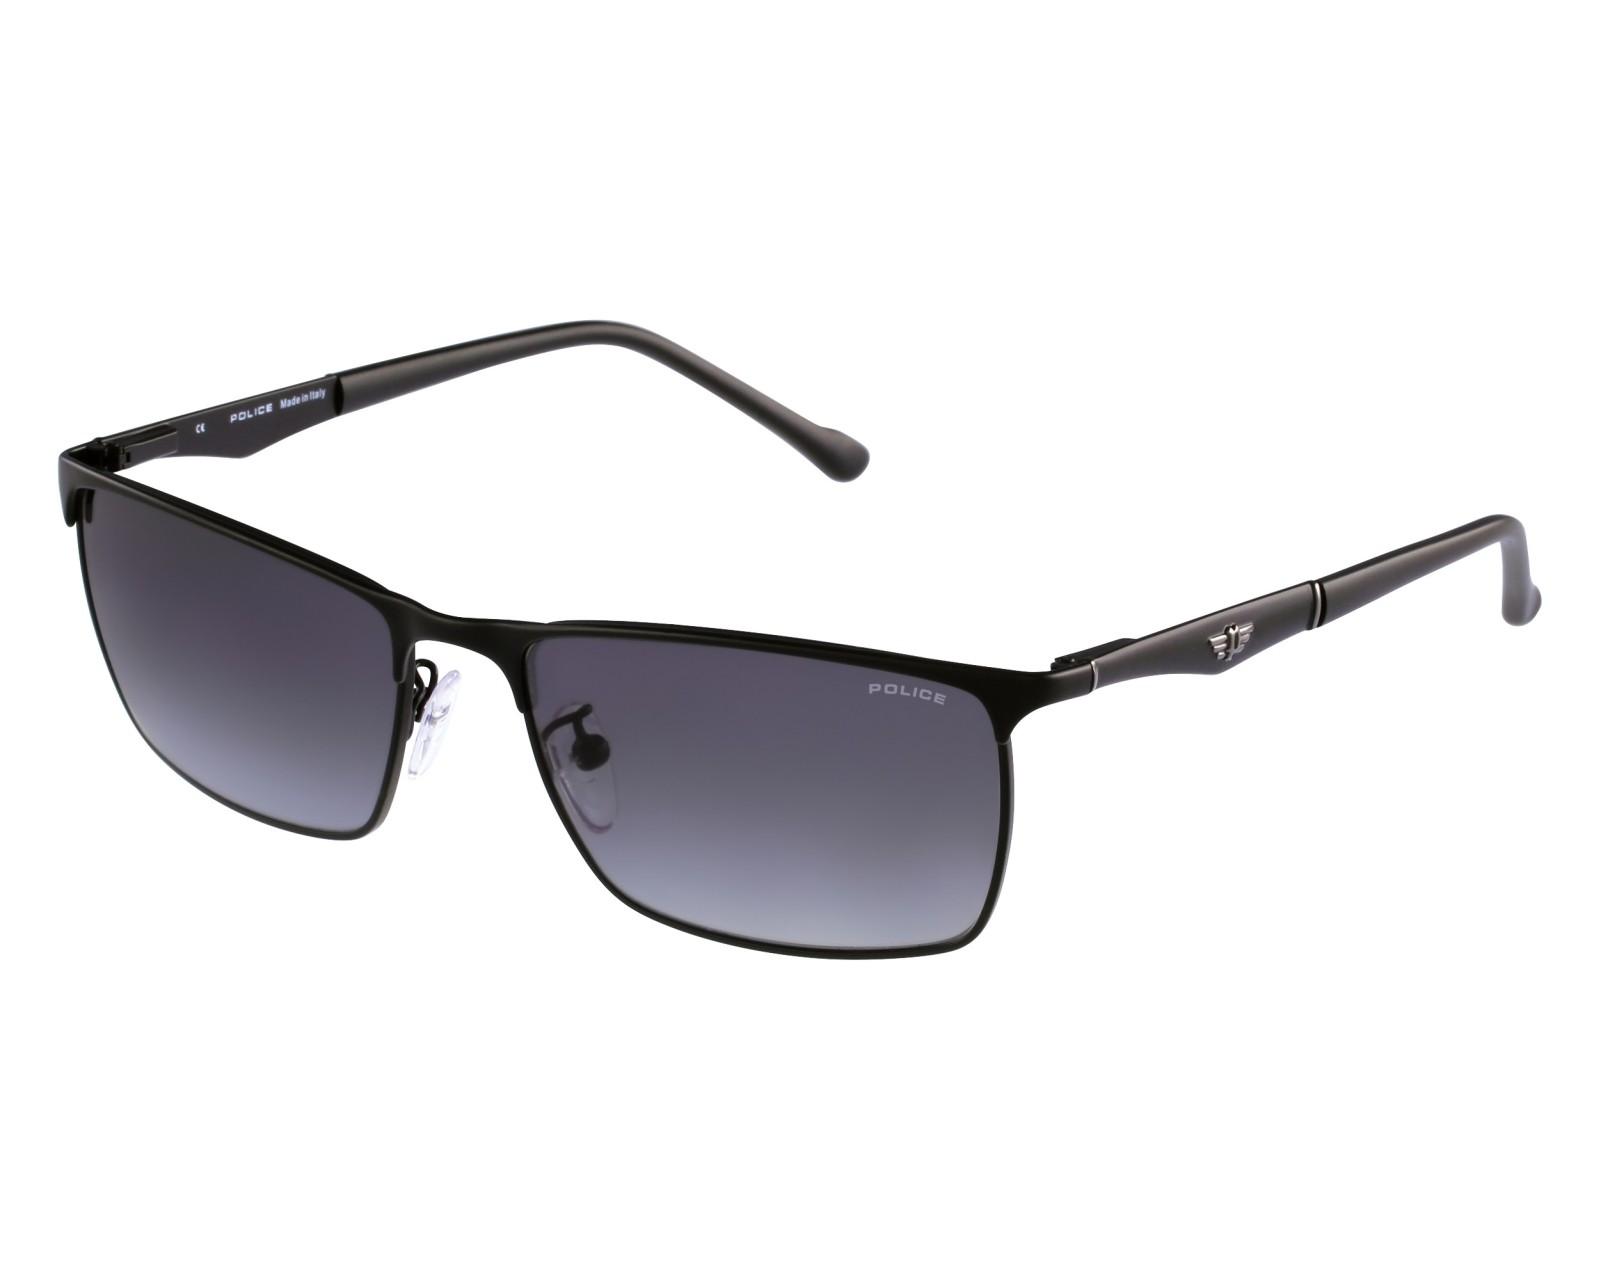 lunettes de soleil police s 8969 s08f noir avec des verres gris pour hommes taille 65 pour 108 00. Black Bedroom Furniture Sets. Home Design Ideas